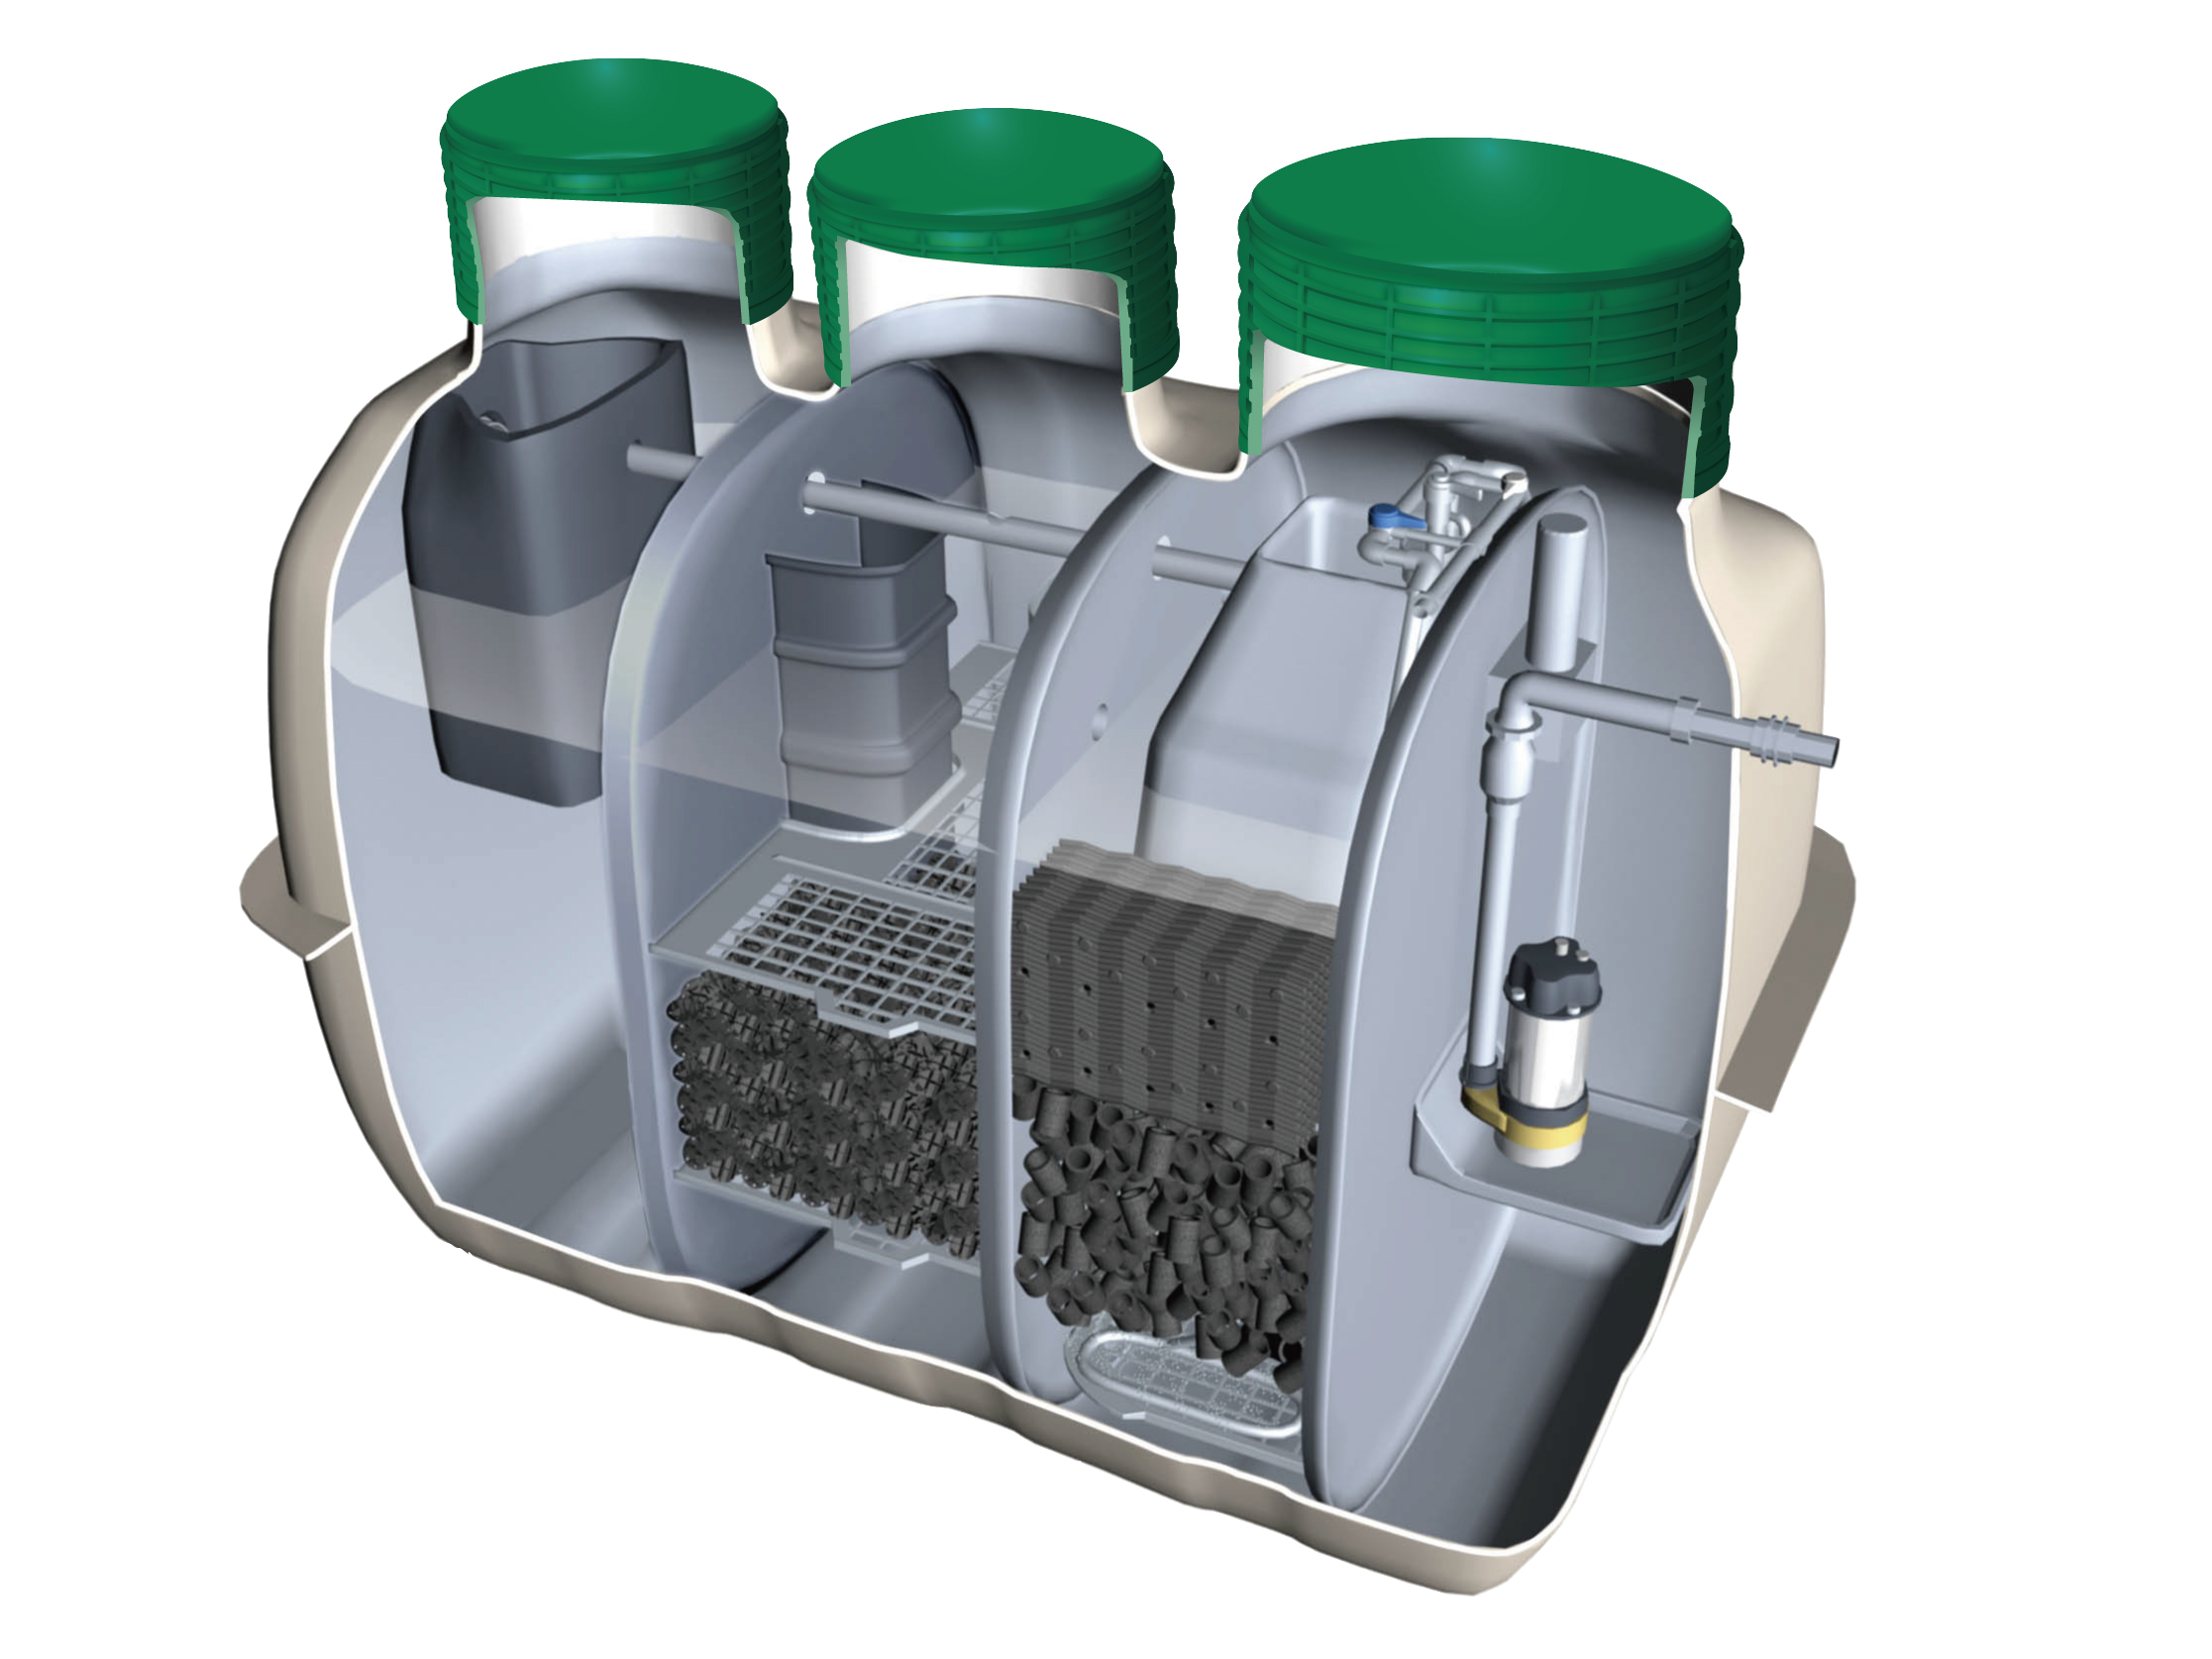 FujiClean-Australia-CE1500EX-Green-Risers-Graphic